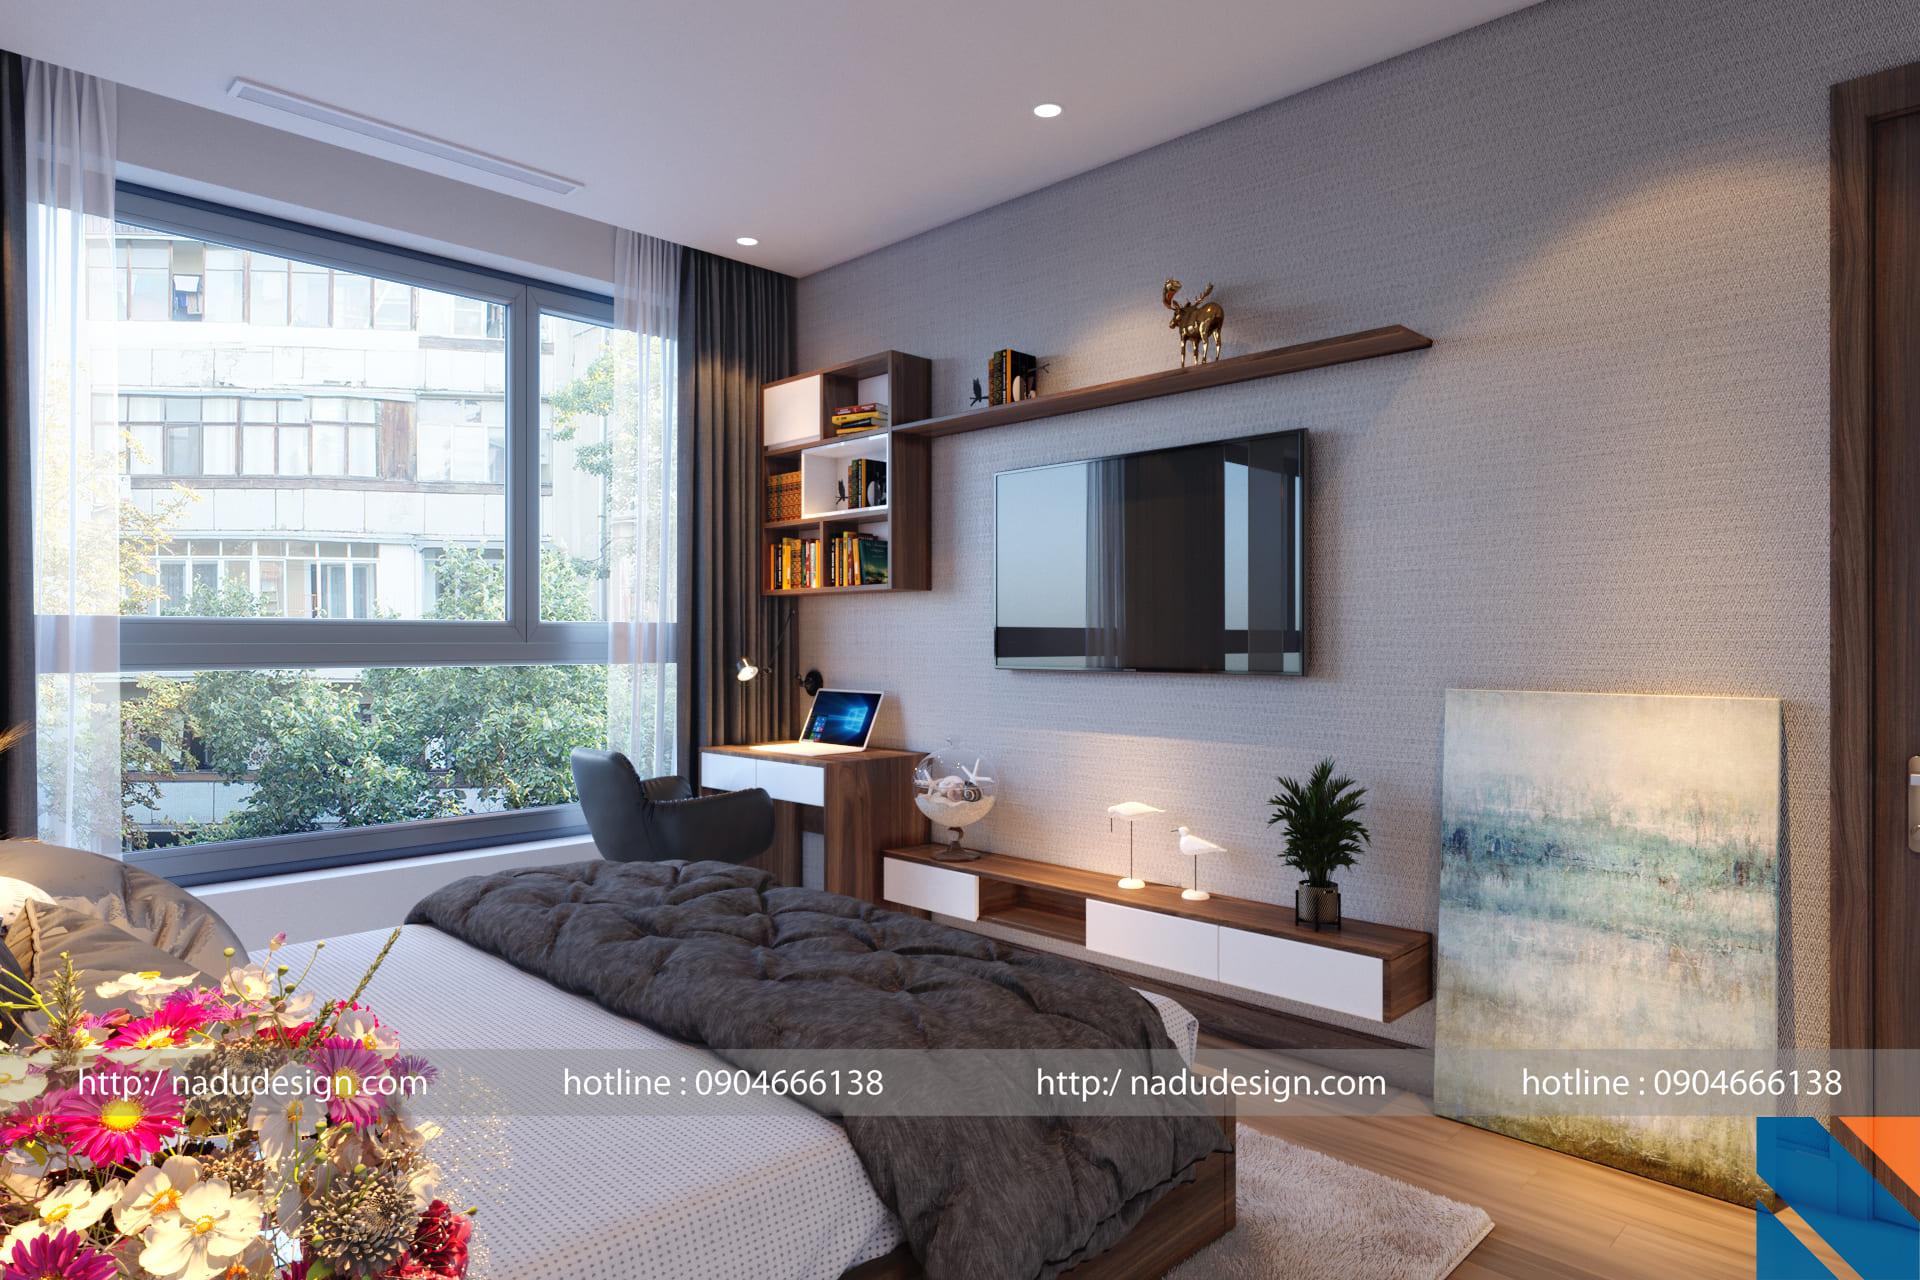 Thiết kế nội thất phòng ngủ 20m vuông đẹp sang trọng, đơn giản